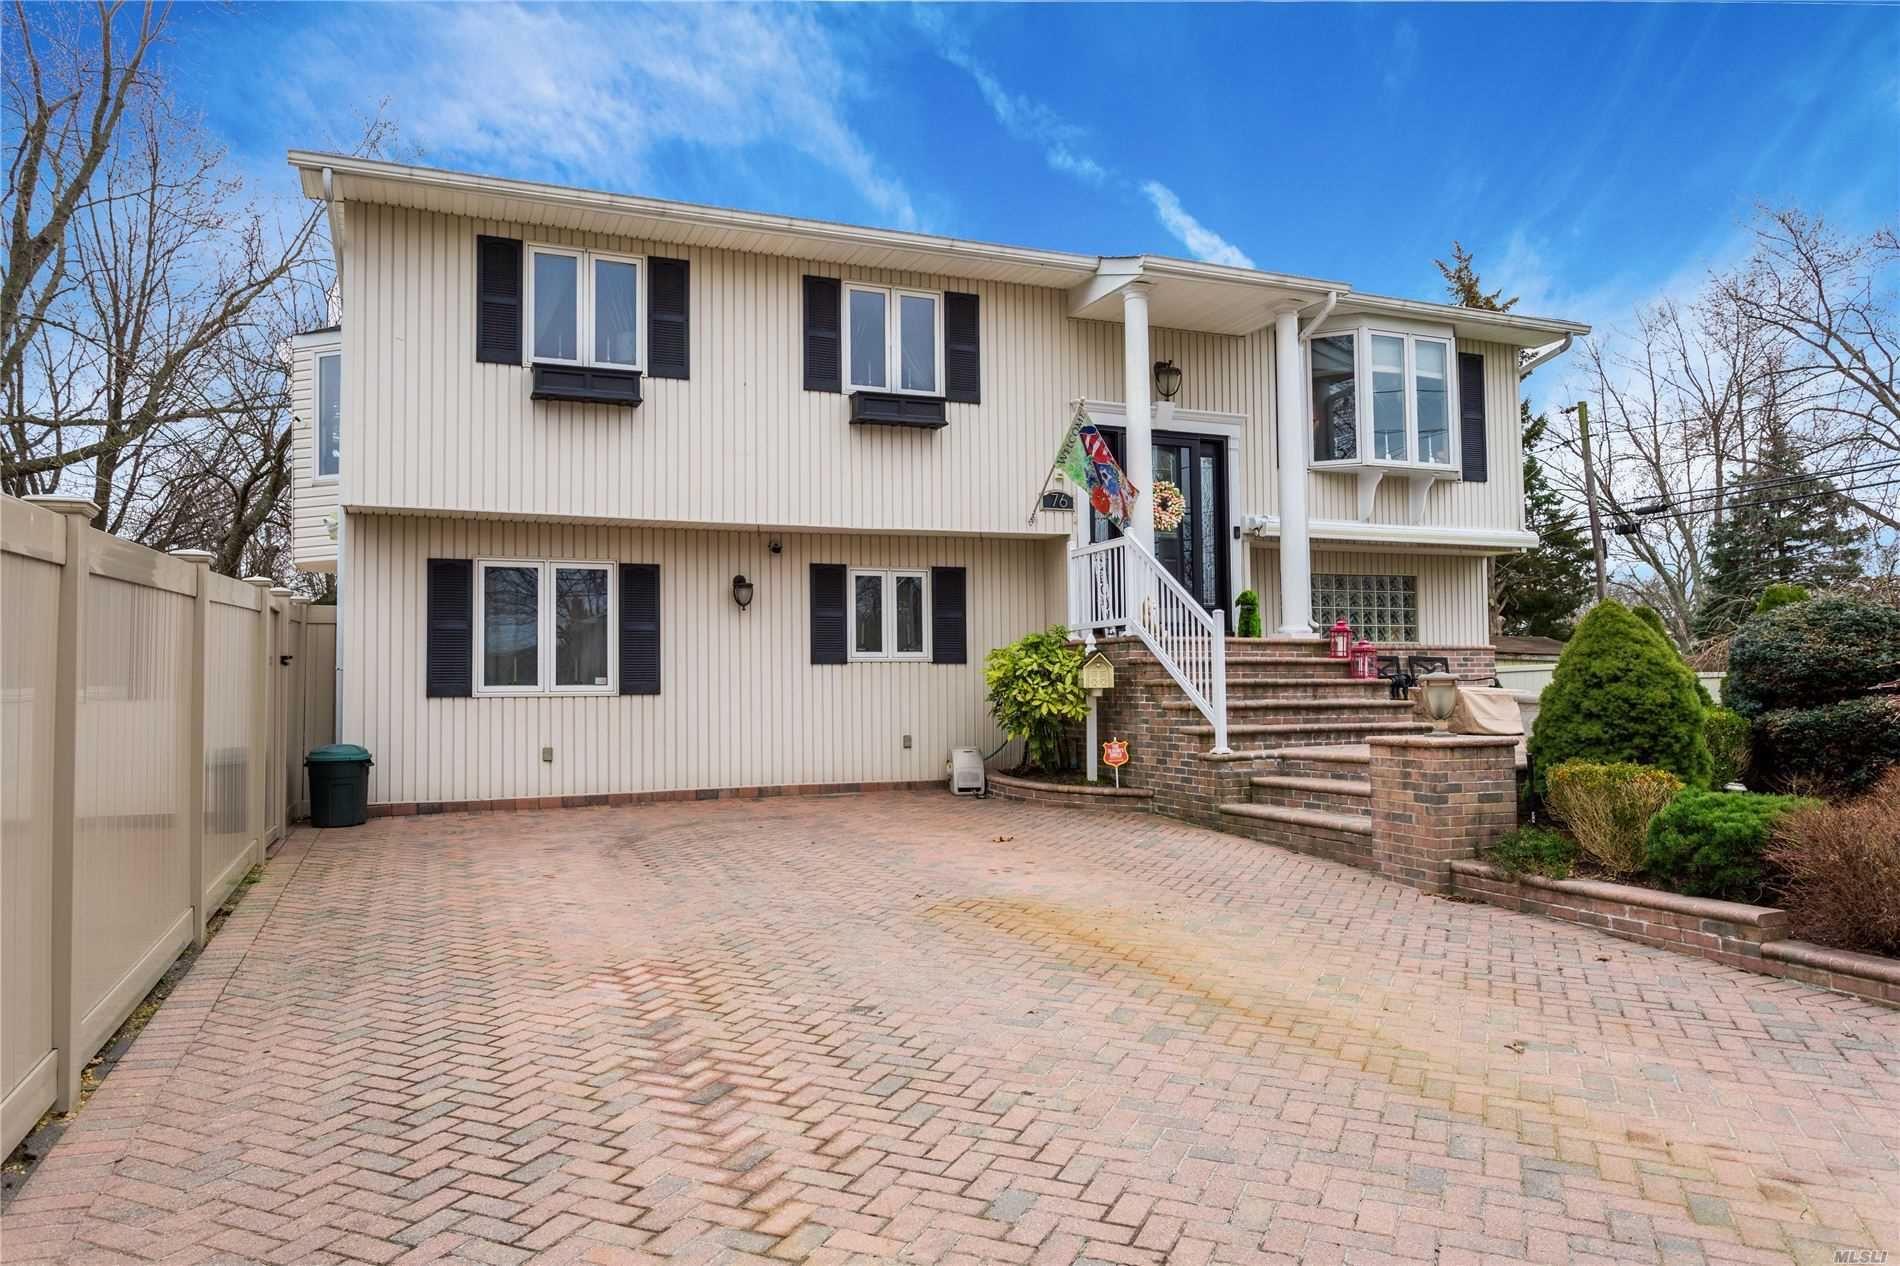 76 Ithaca Street, Bay Shore, NY 11706 - MLS#: 3210552